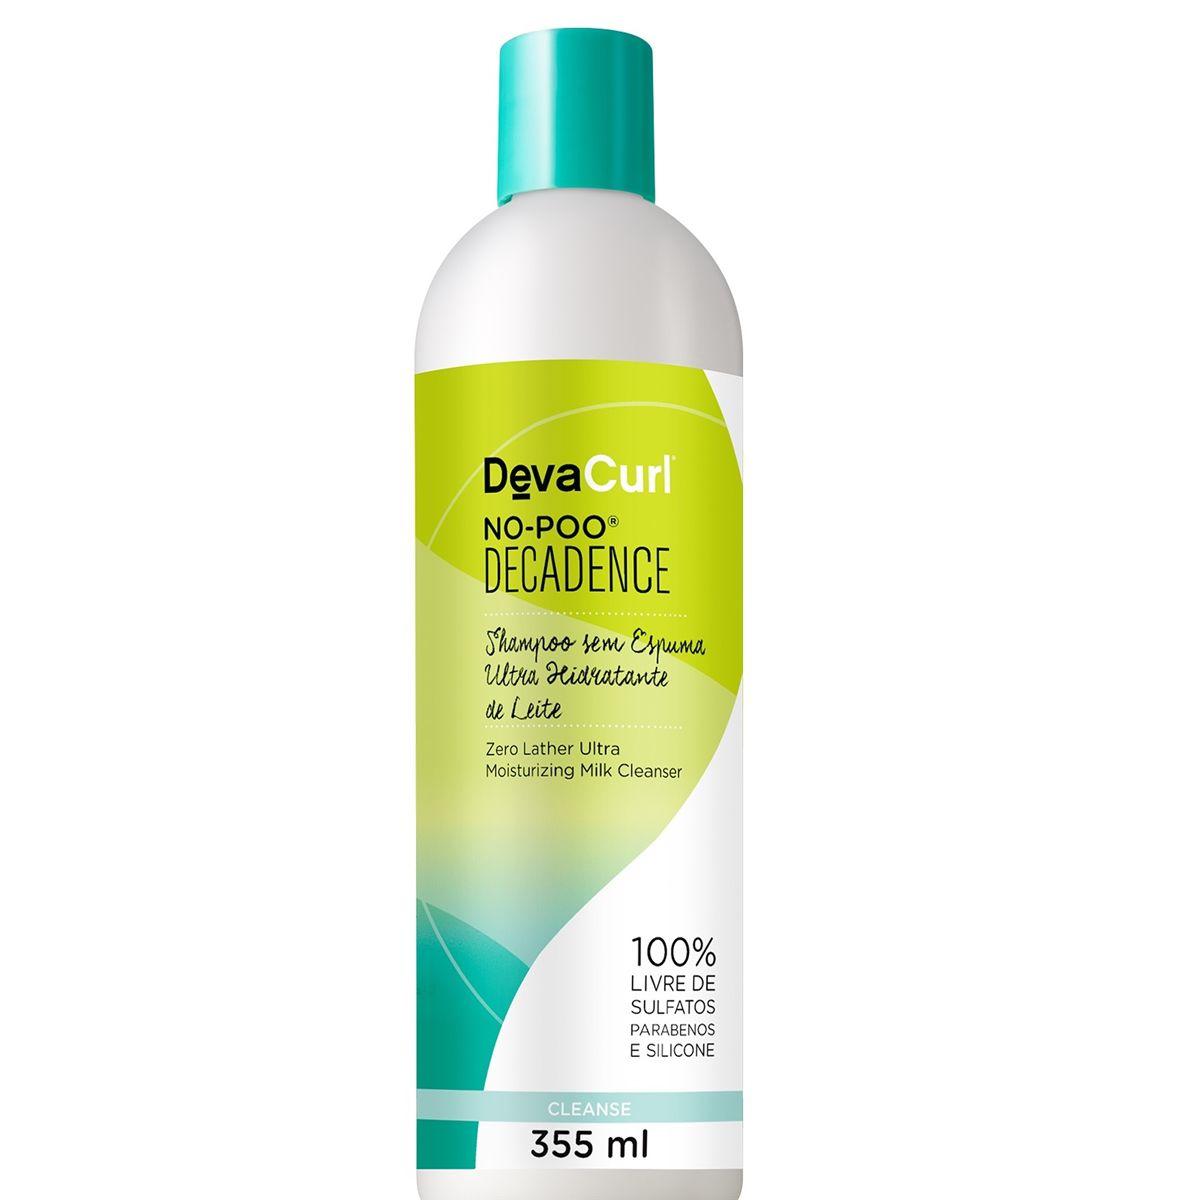 Deva Curl No-Poo Decadence 355 ml